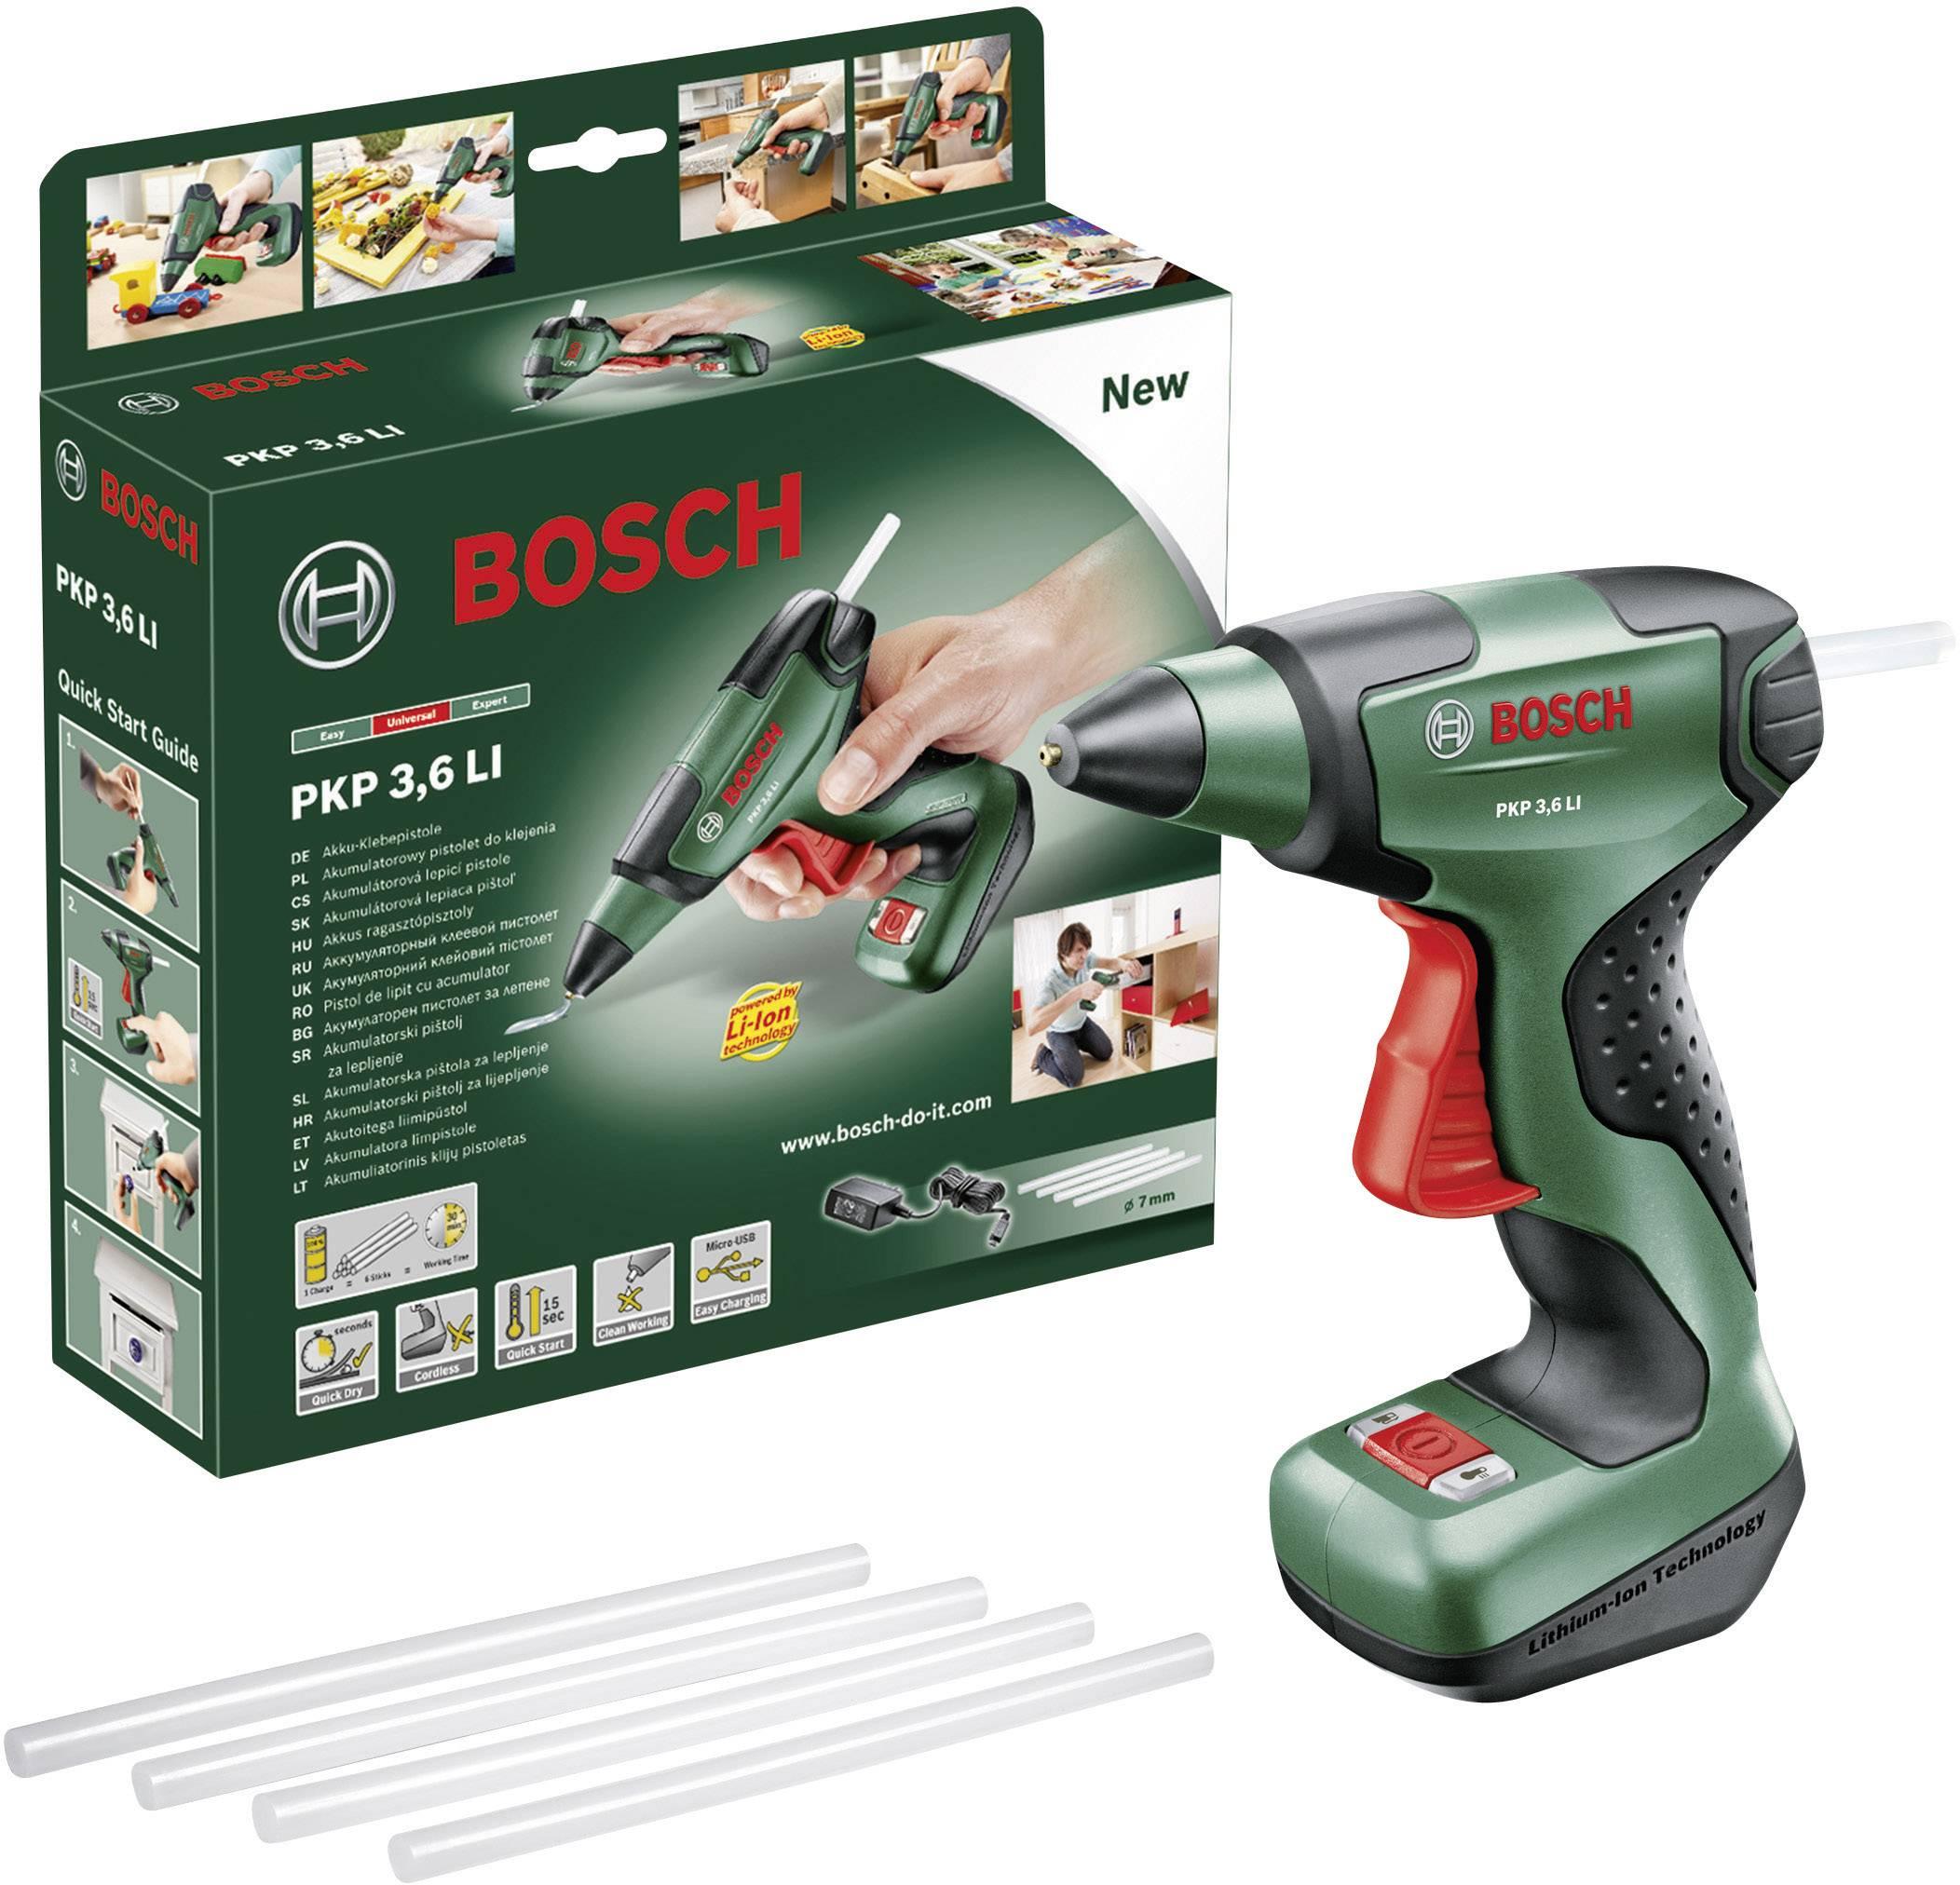 Bosch Home and Garden PKP 3,6 LI 0603264600